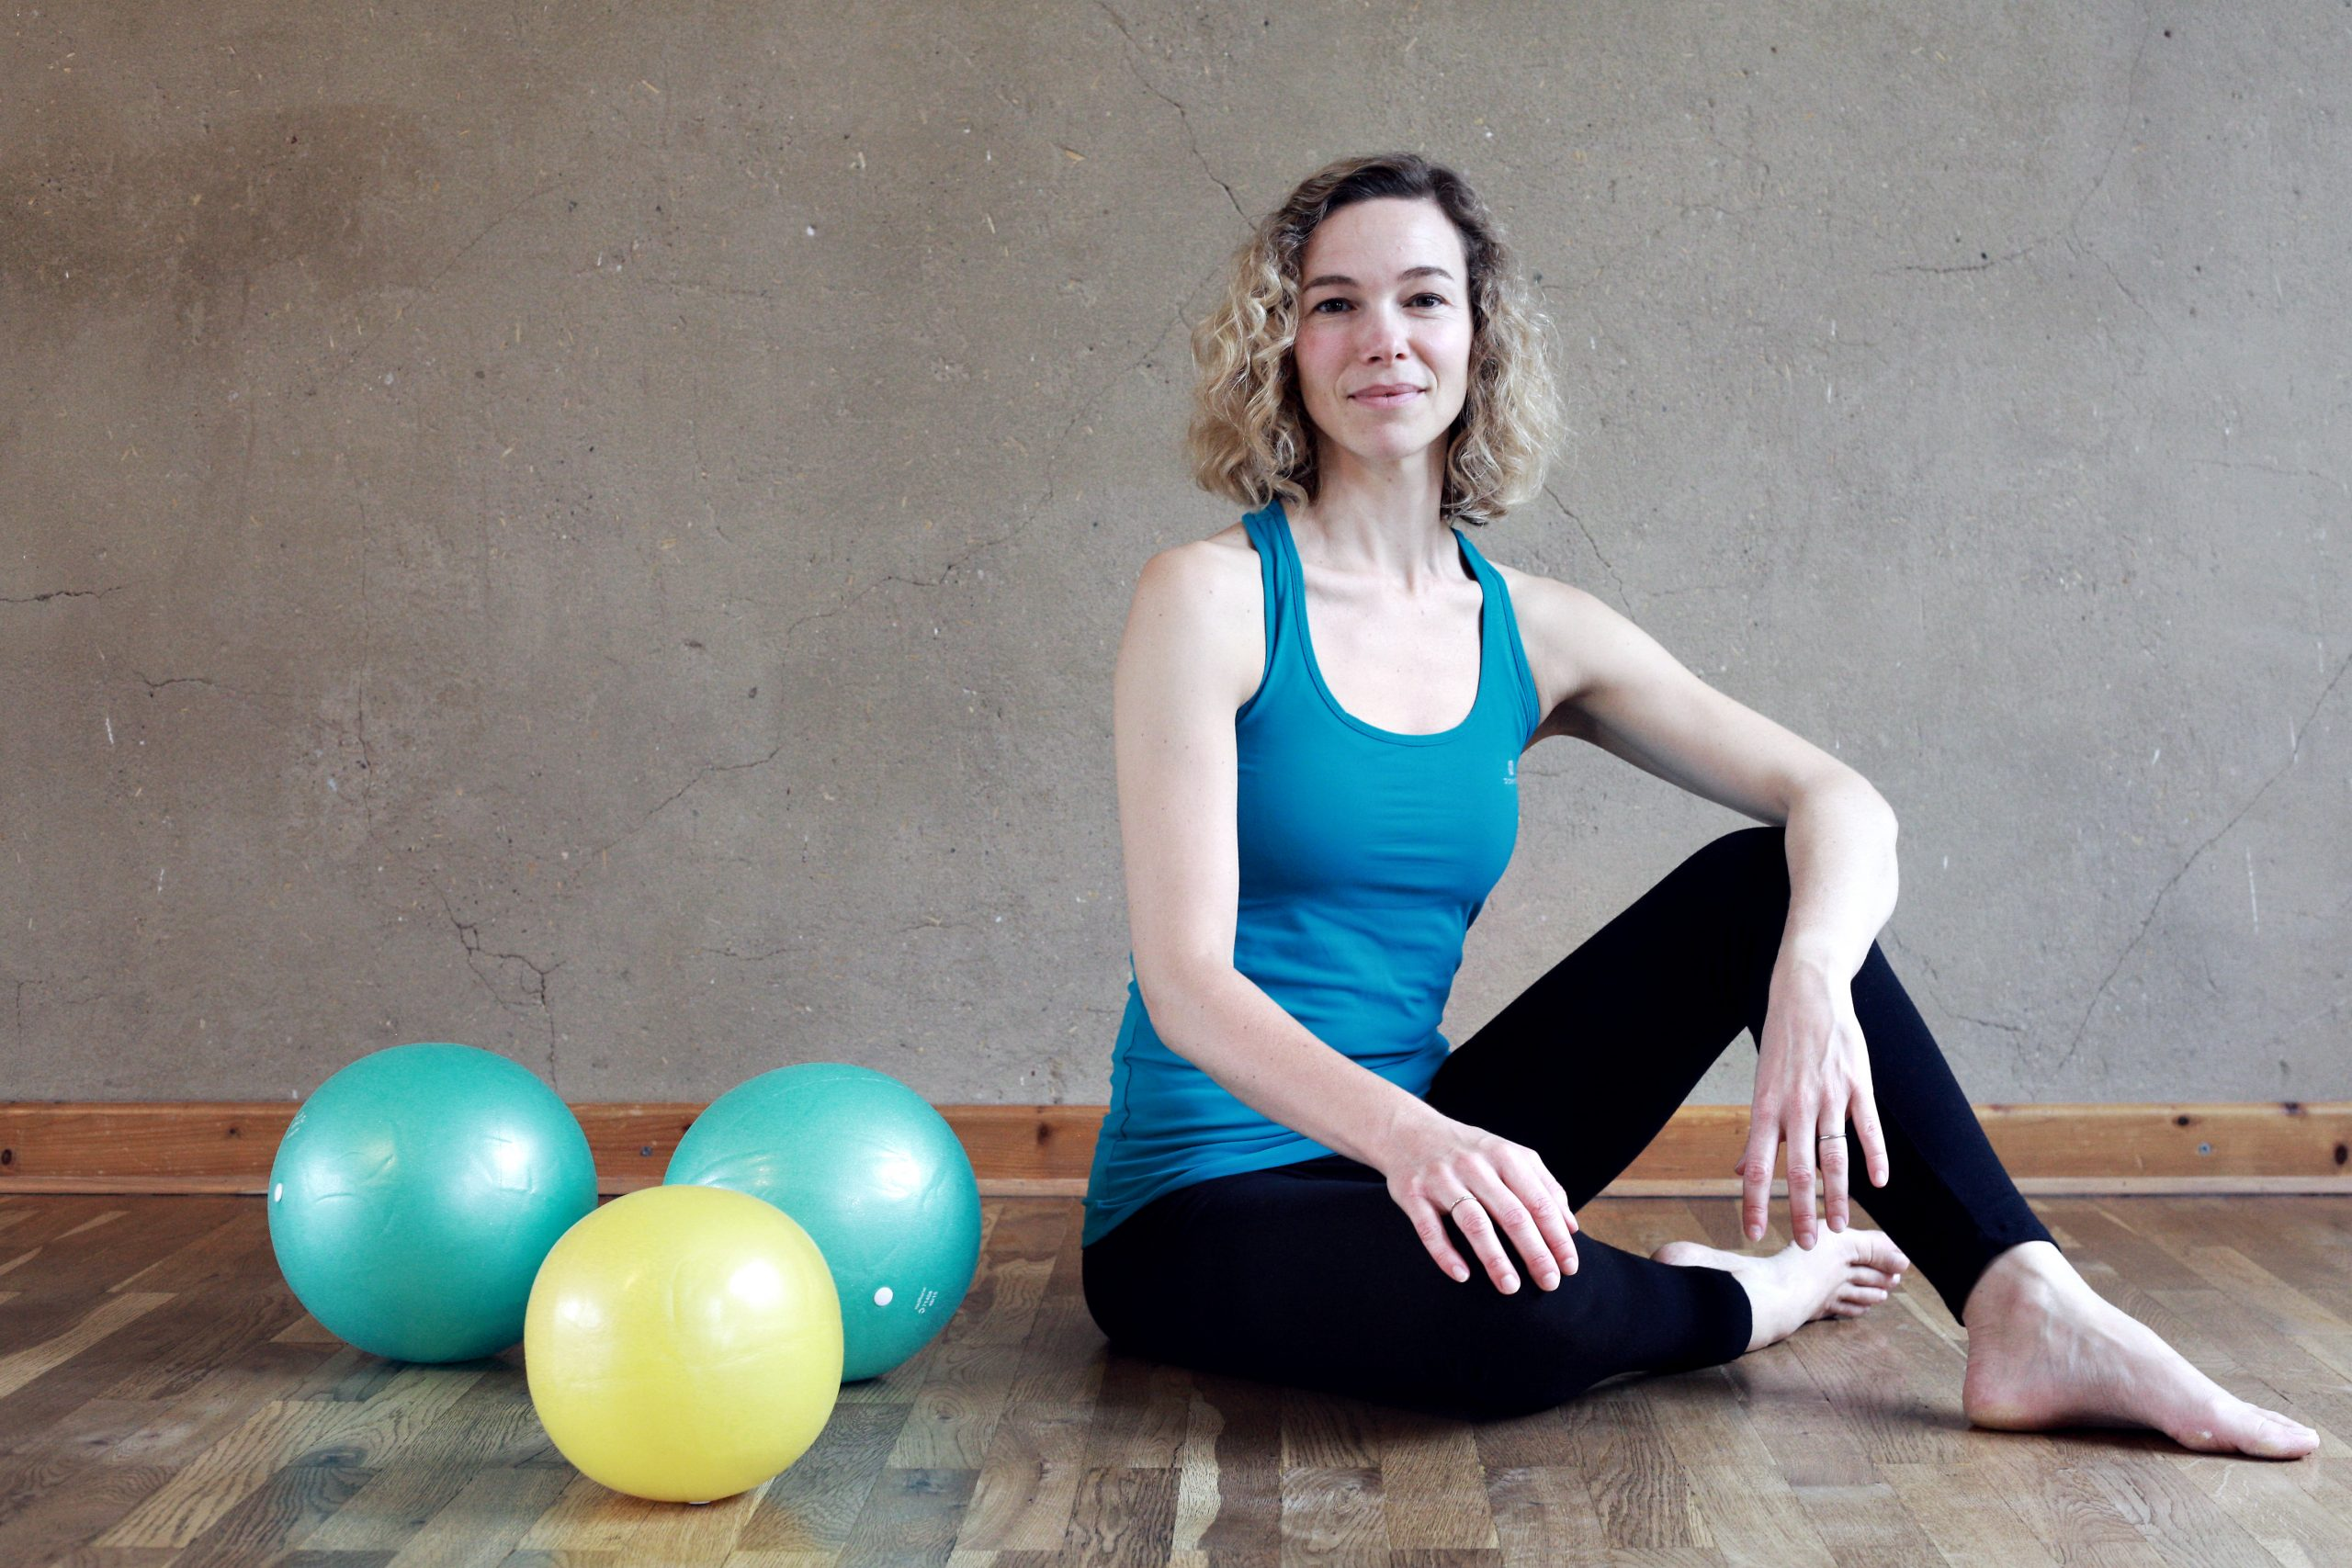 Juliette S Pilates portrait